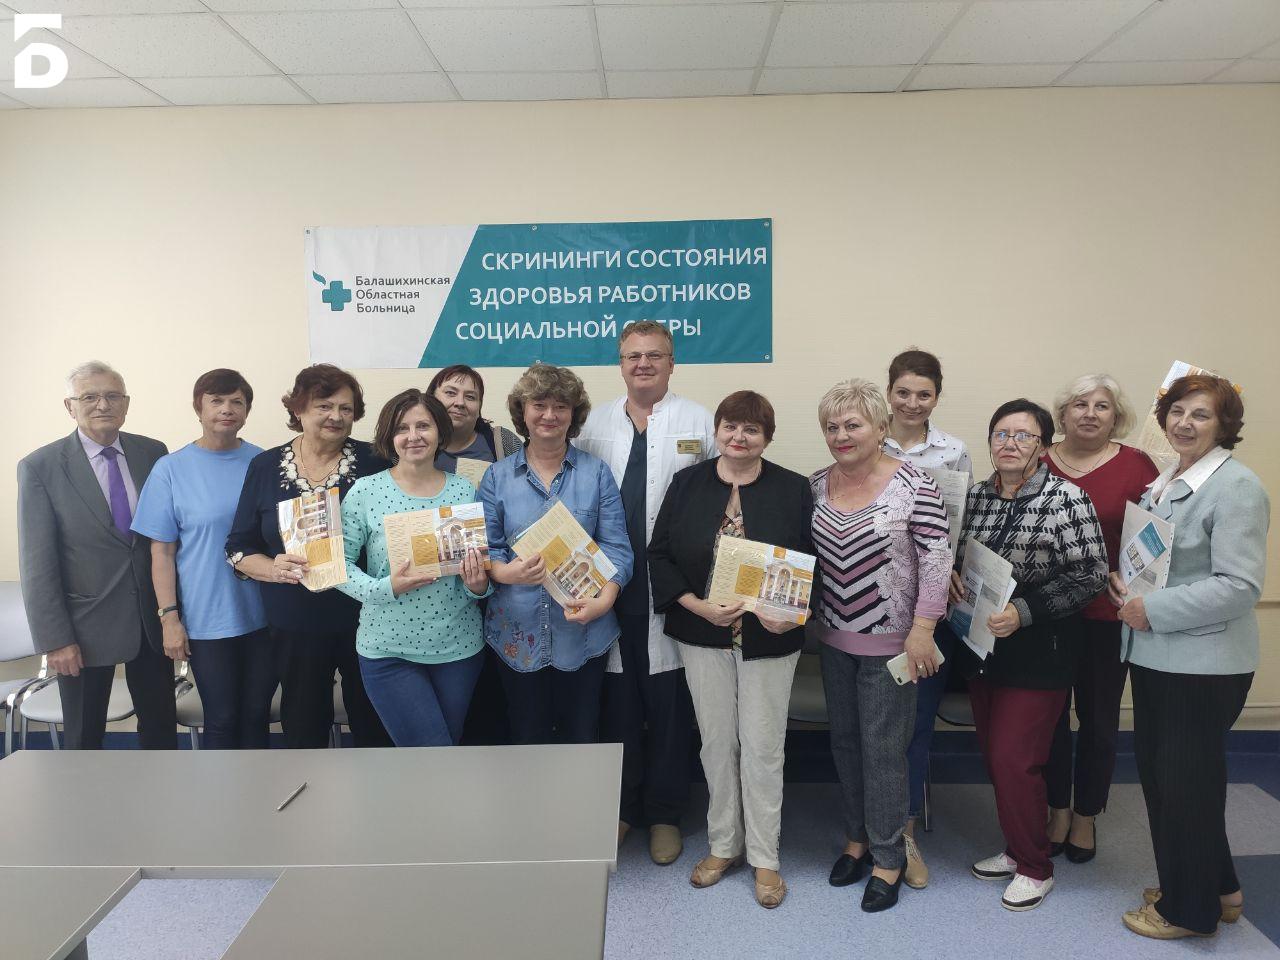 Первая группа врачей Балашихи получила путёвки на реабилитацию после коронавируса